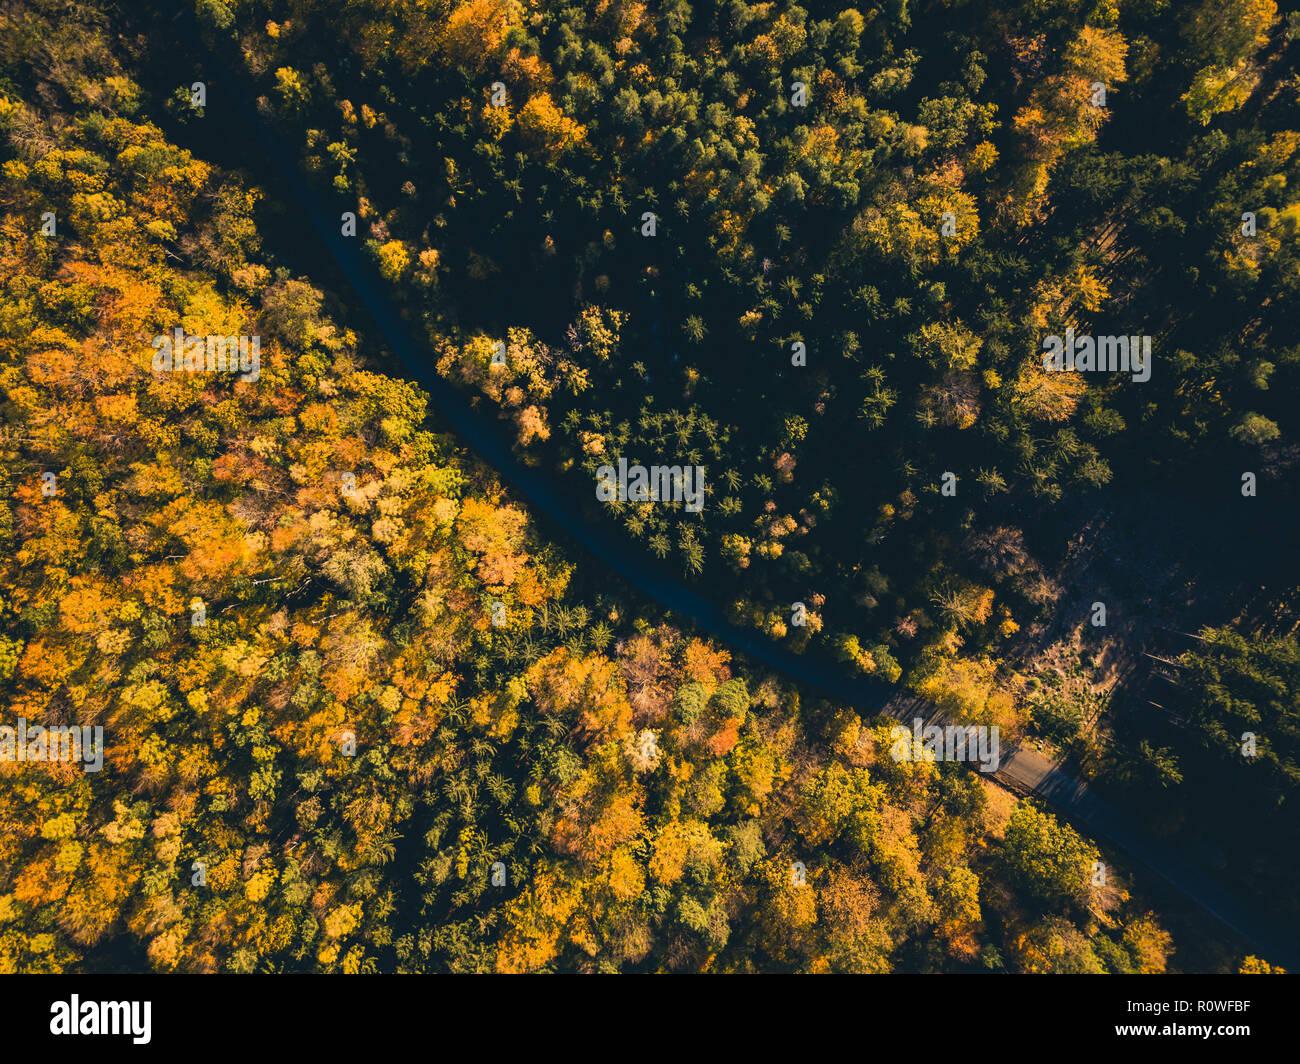 Vista aérea de la carretera en el bosque de otoño, vista desde arriba, drone punto de vista. Temporada Otoño inspirador paisaje del fondo. Foto de stock